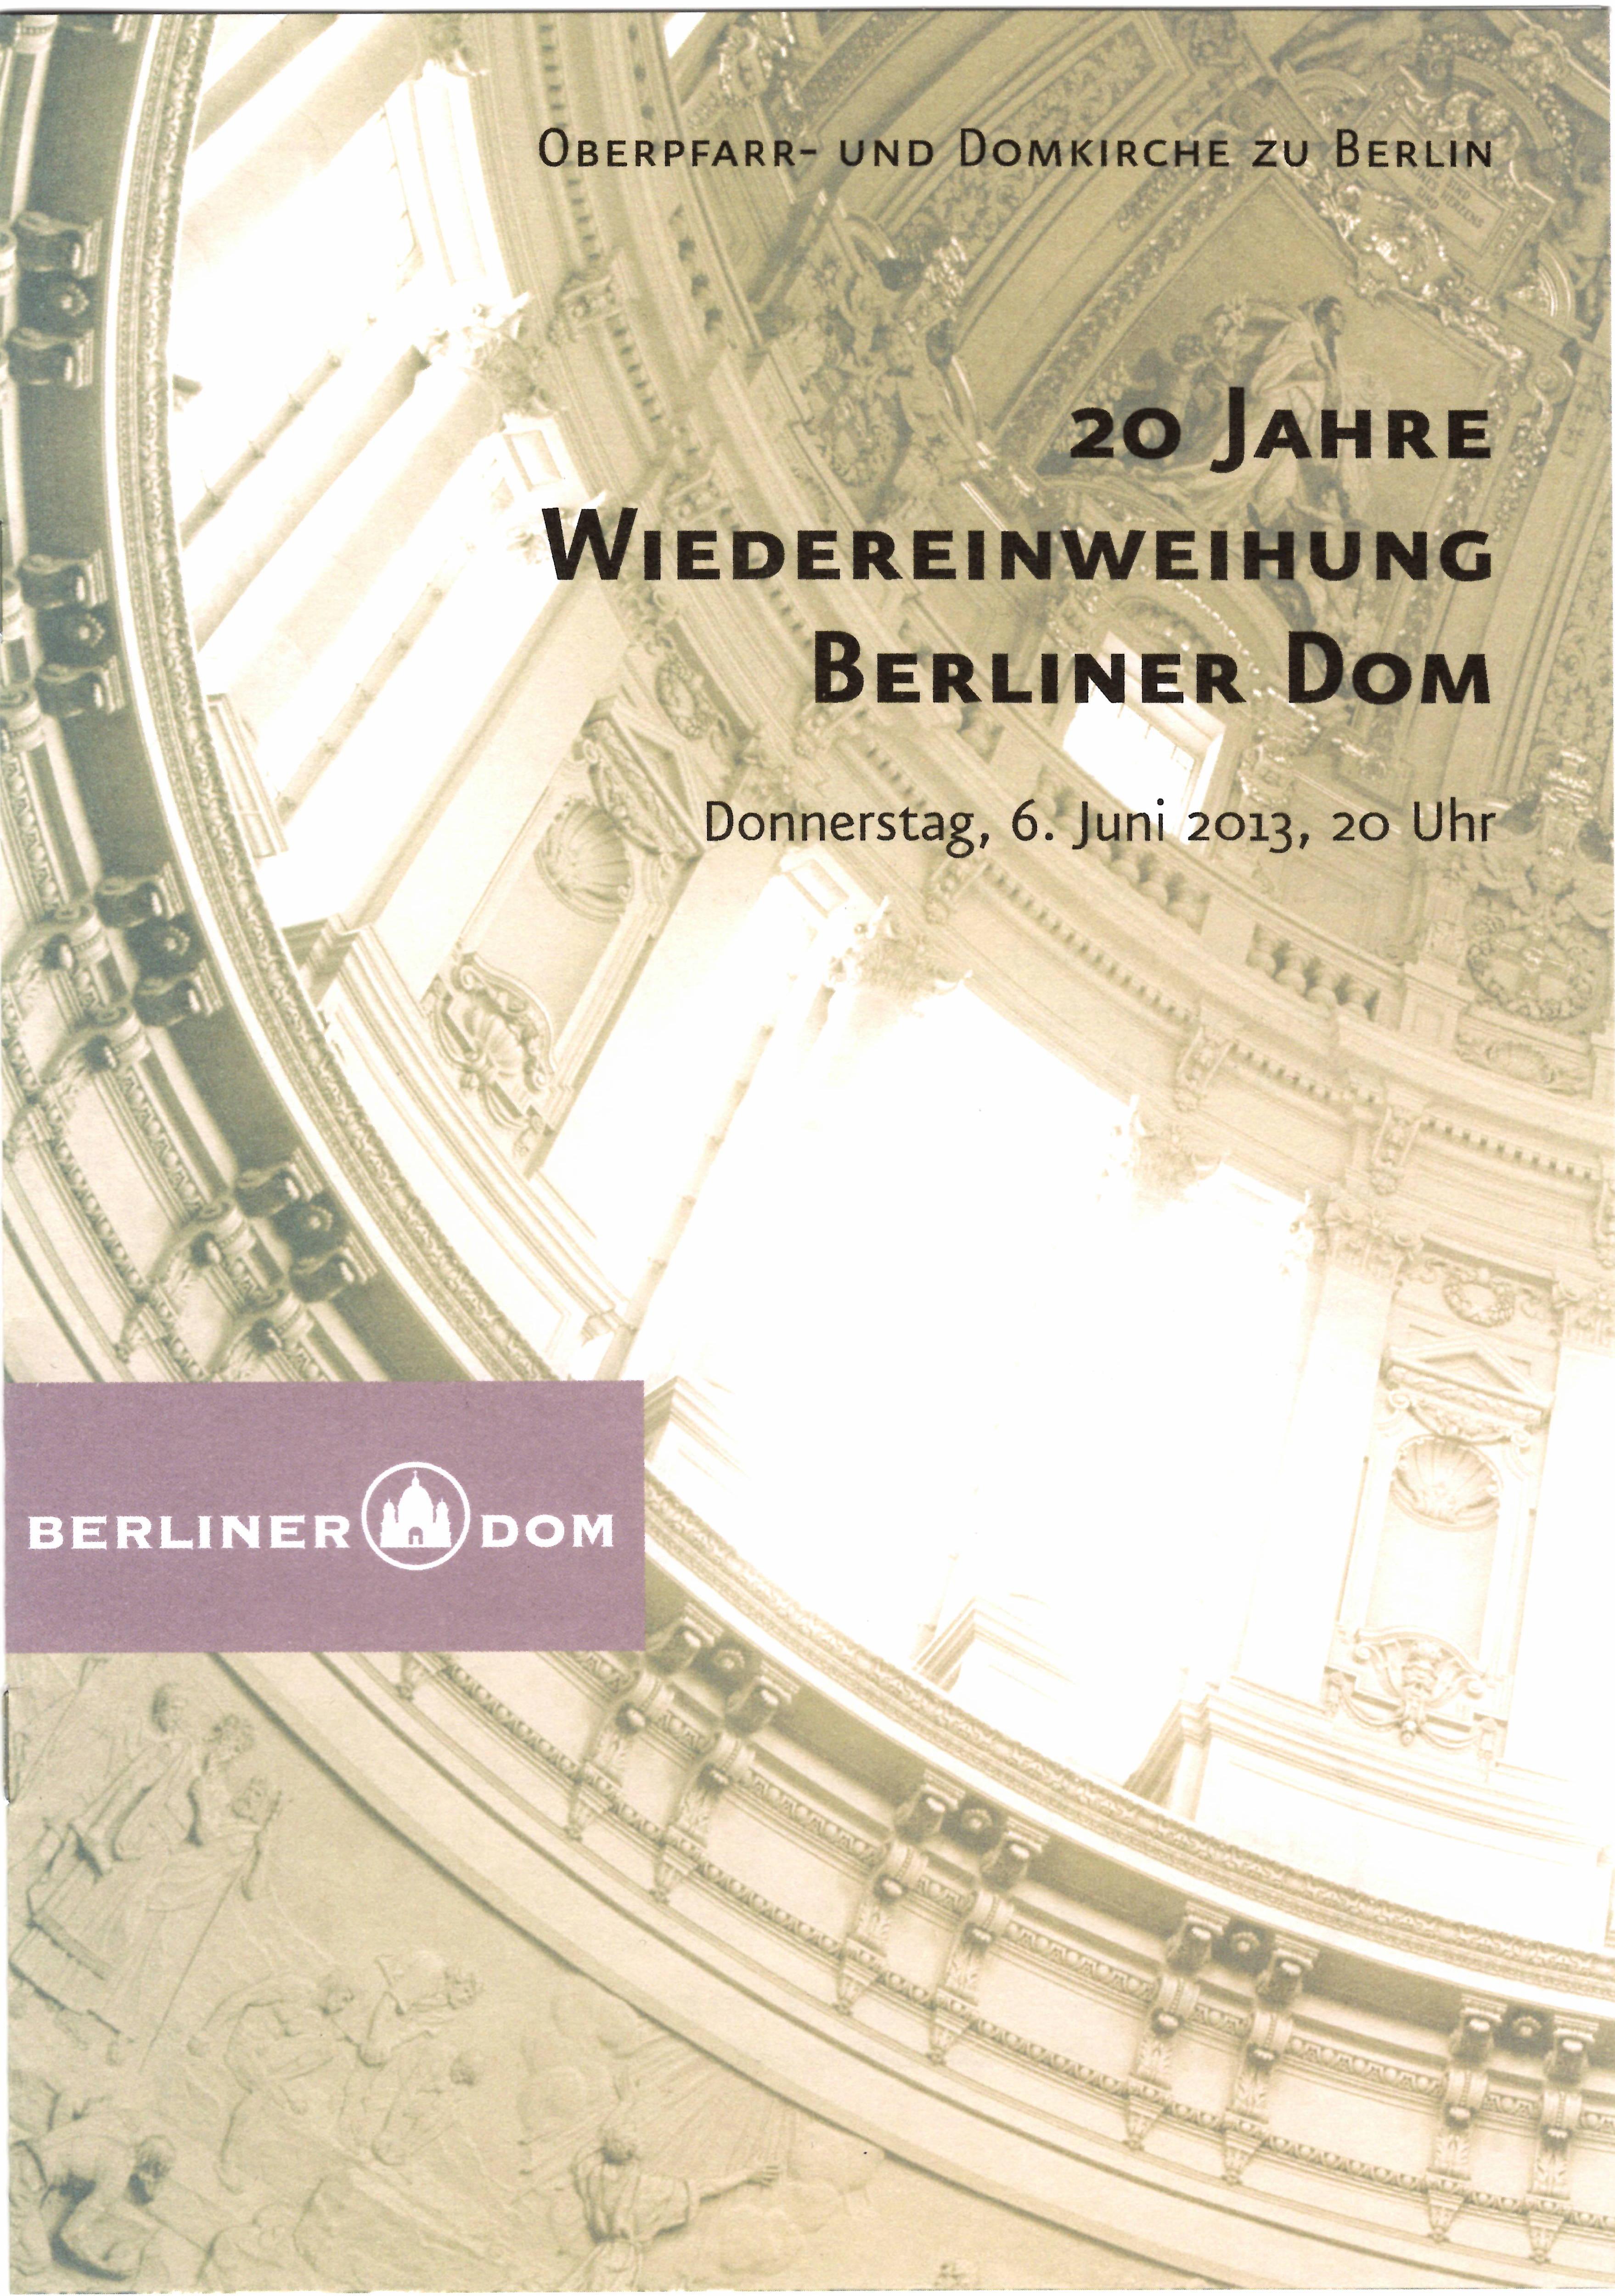 20 JAHRE WIEDEREINWEIHUNG BERLINER DOM 06.06.2013